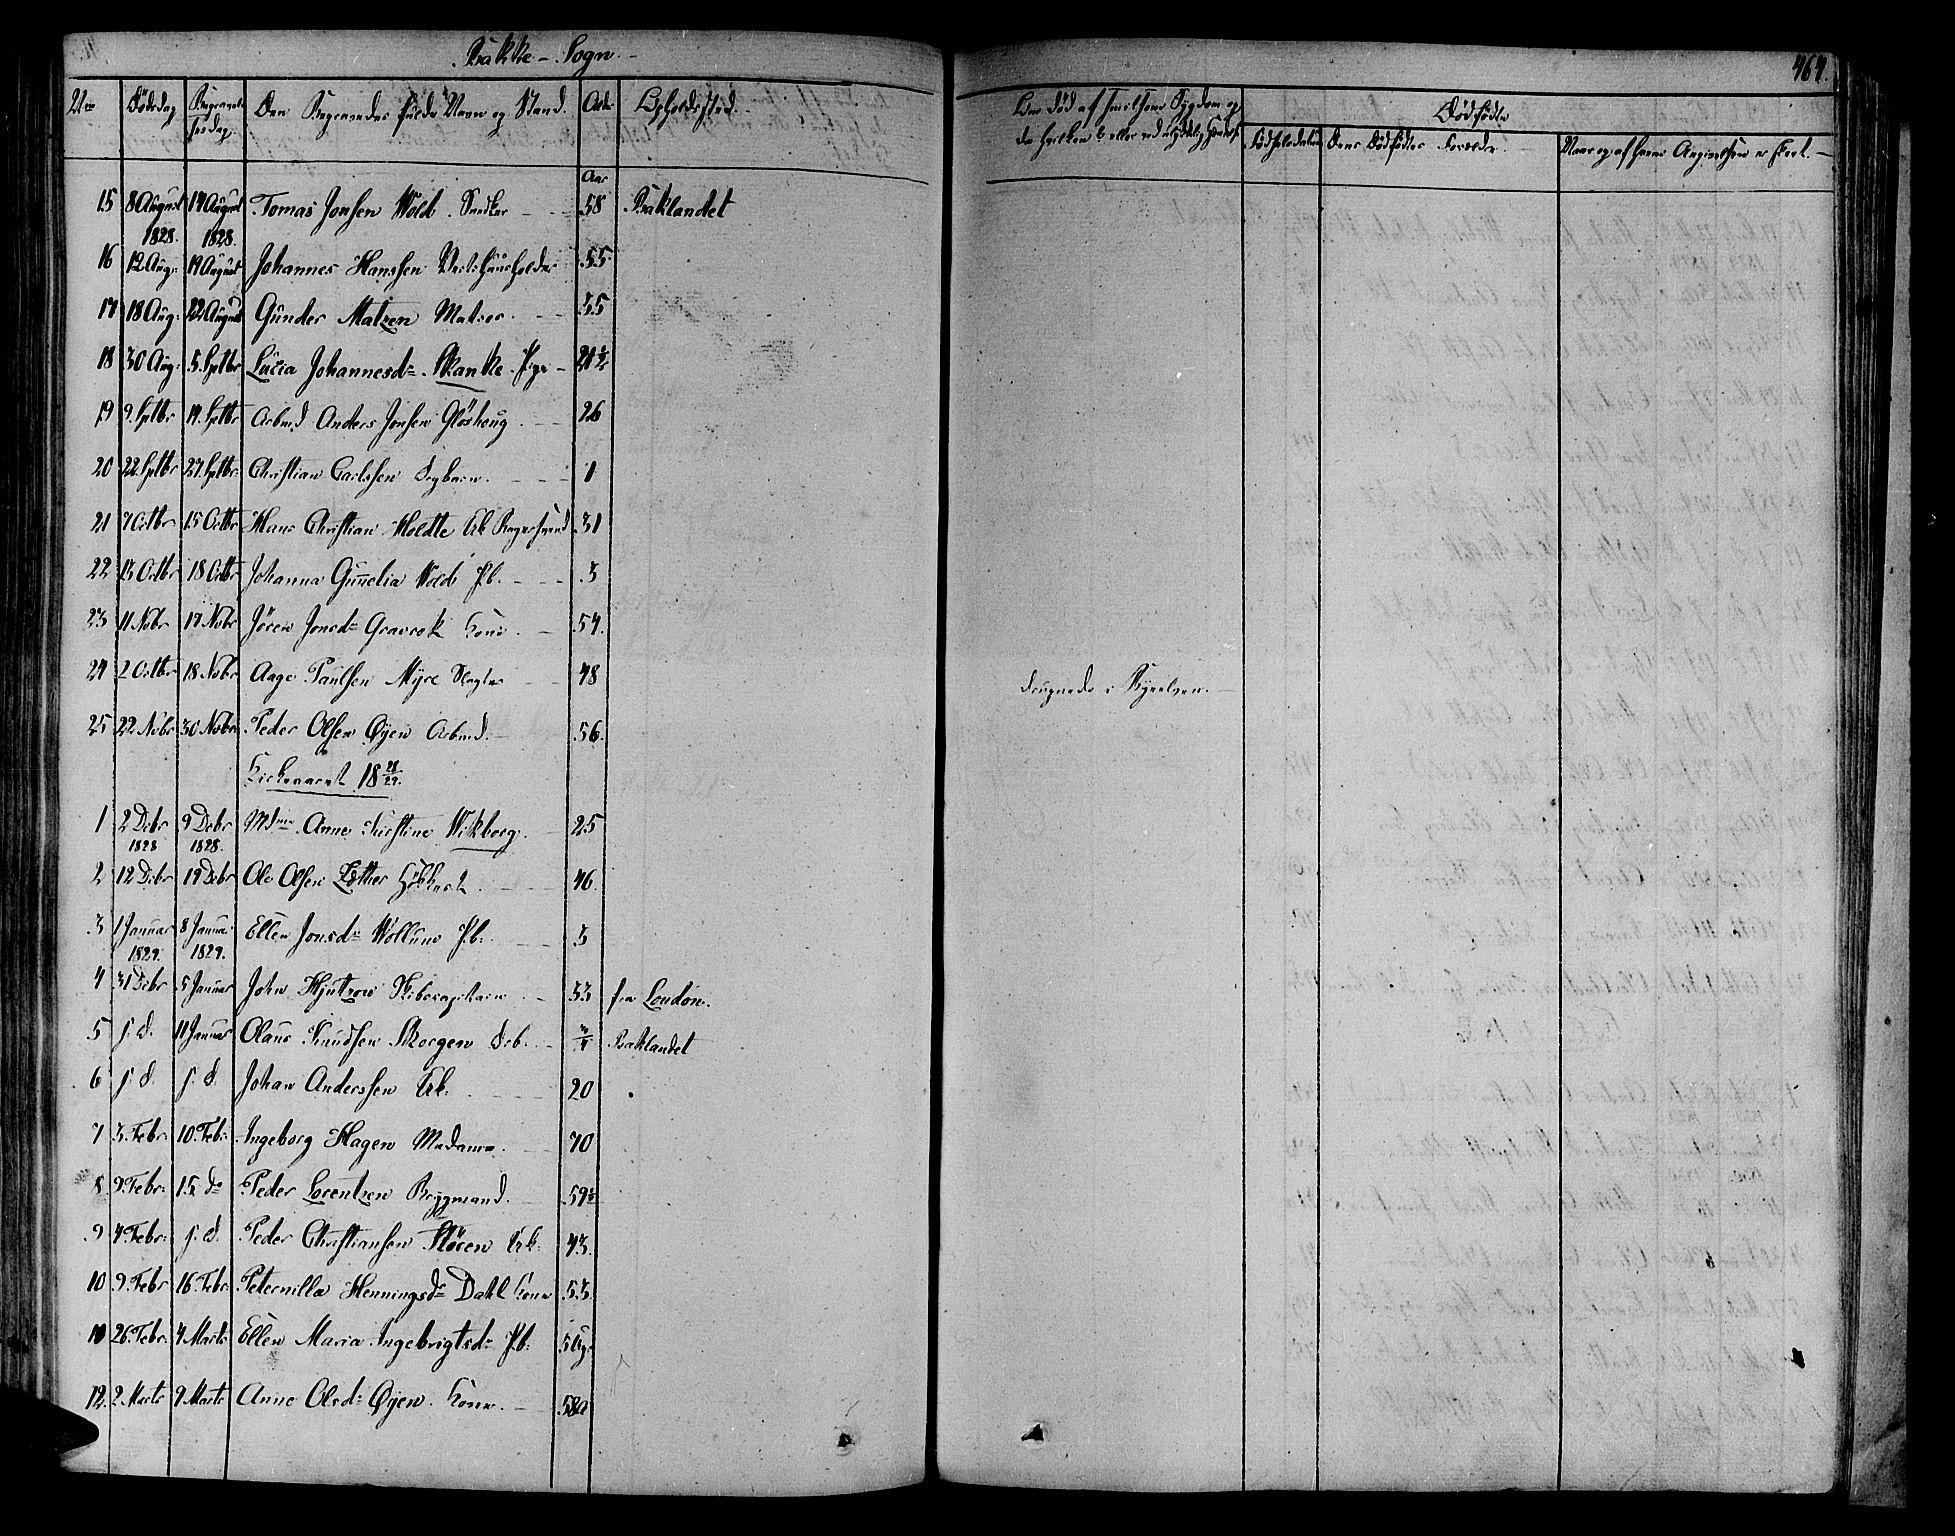 SAT, Ministerialprotokoller, klokkerbøker og fødselsregistre - Sør-Trøndelag, 606/L0287: Ministerialbok nr. 606A04 /2, 1826-1840, s. 464